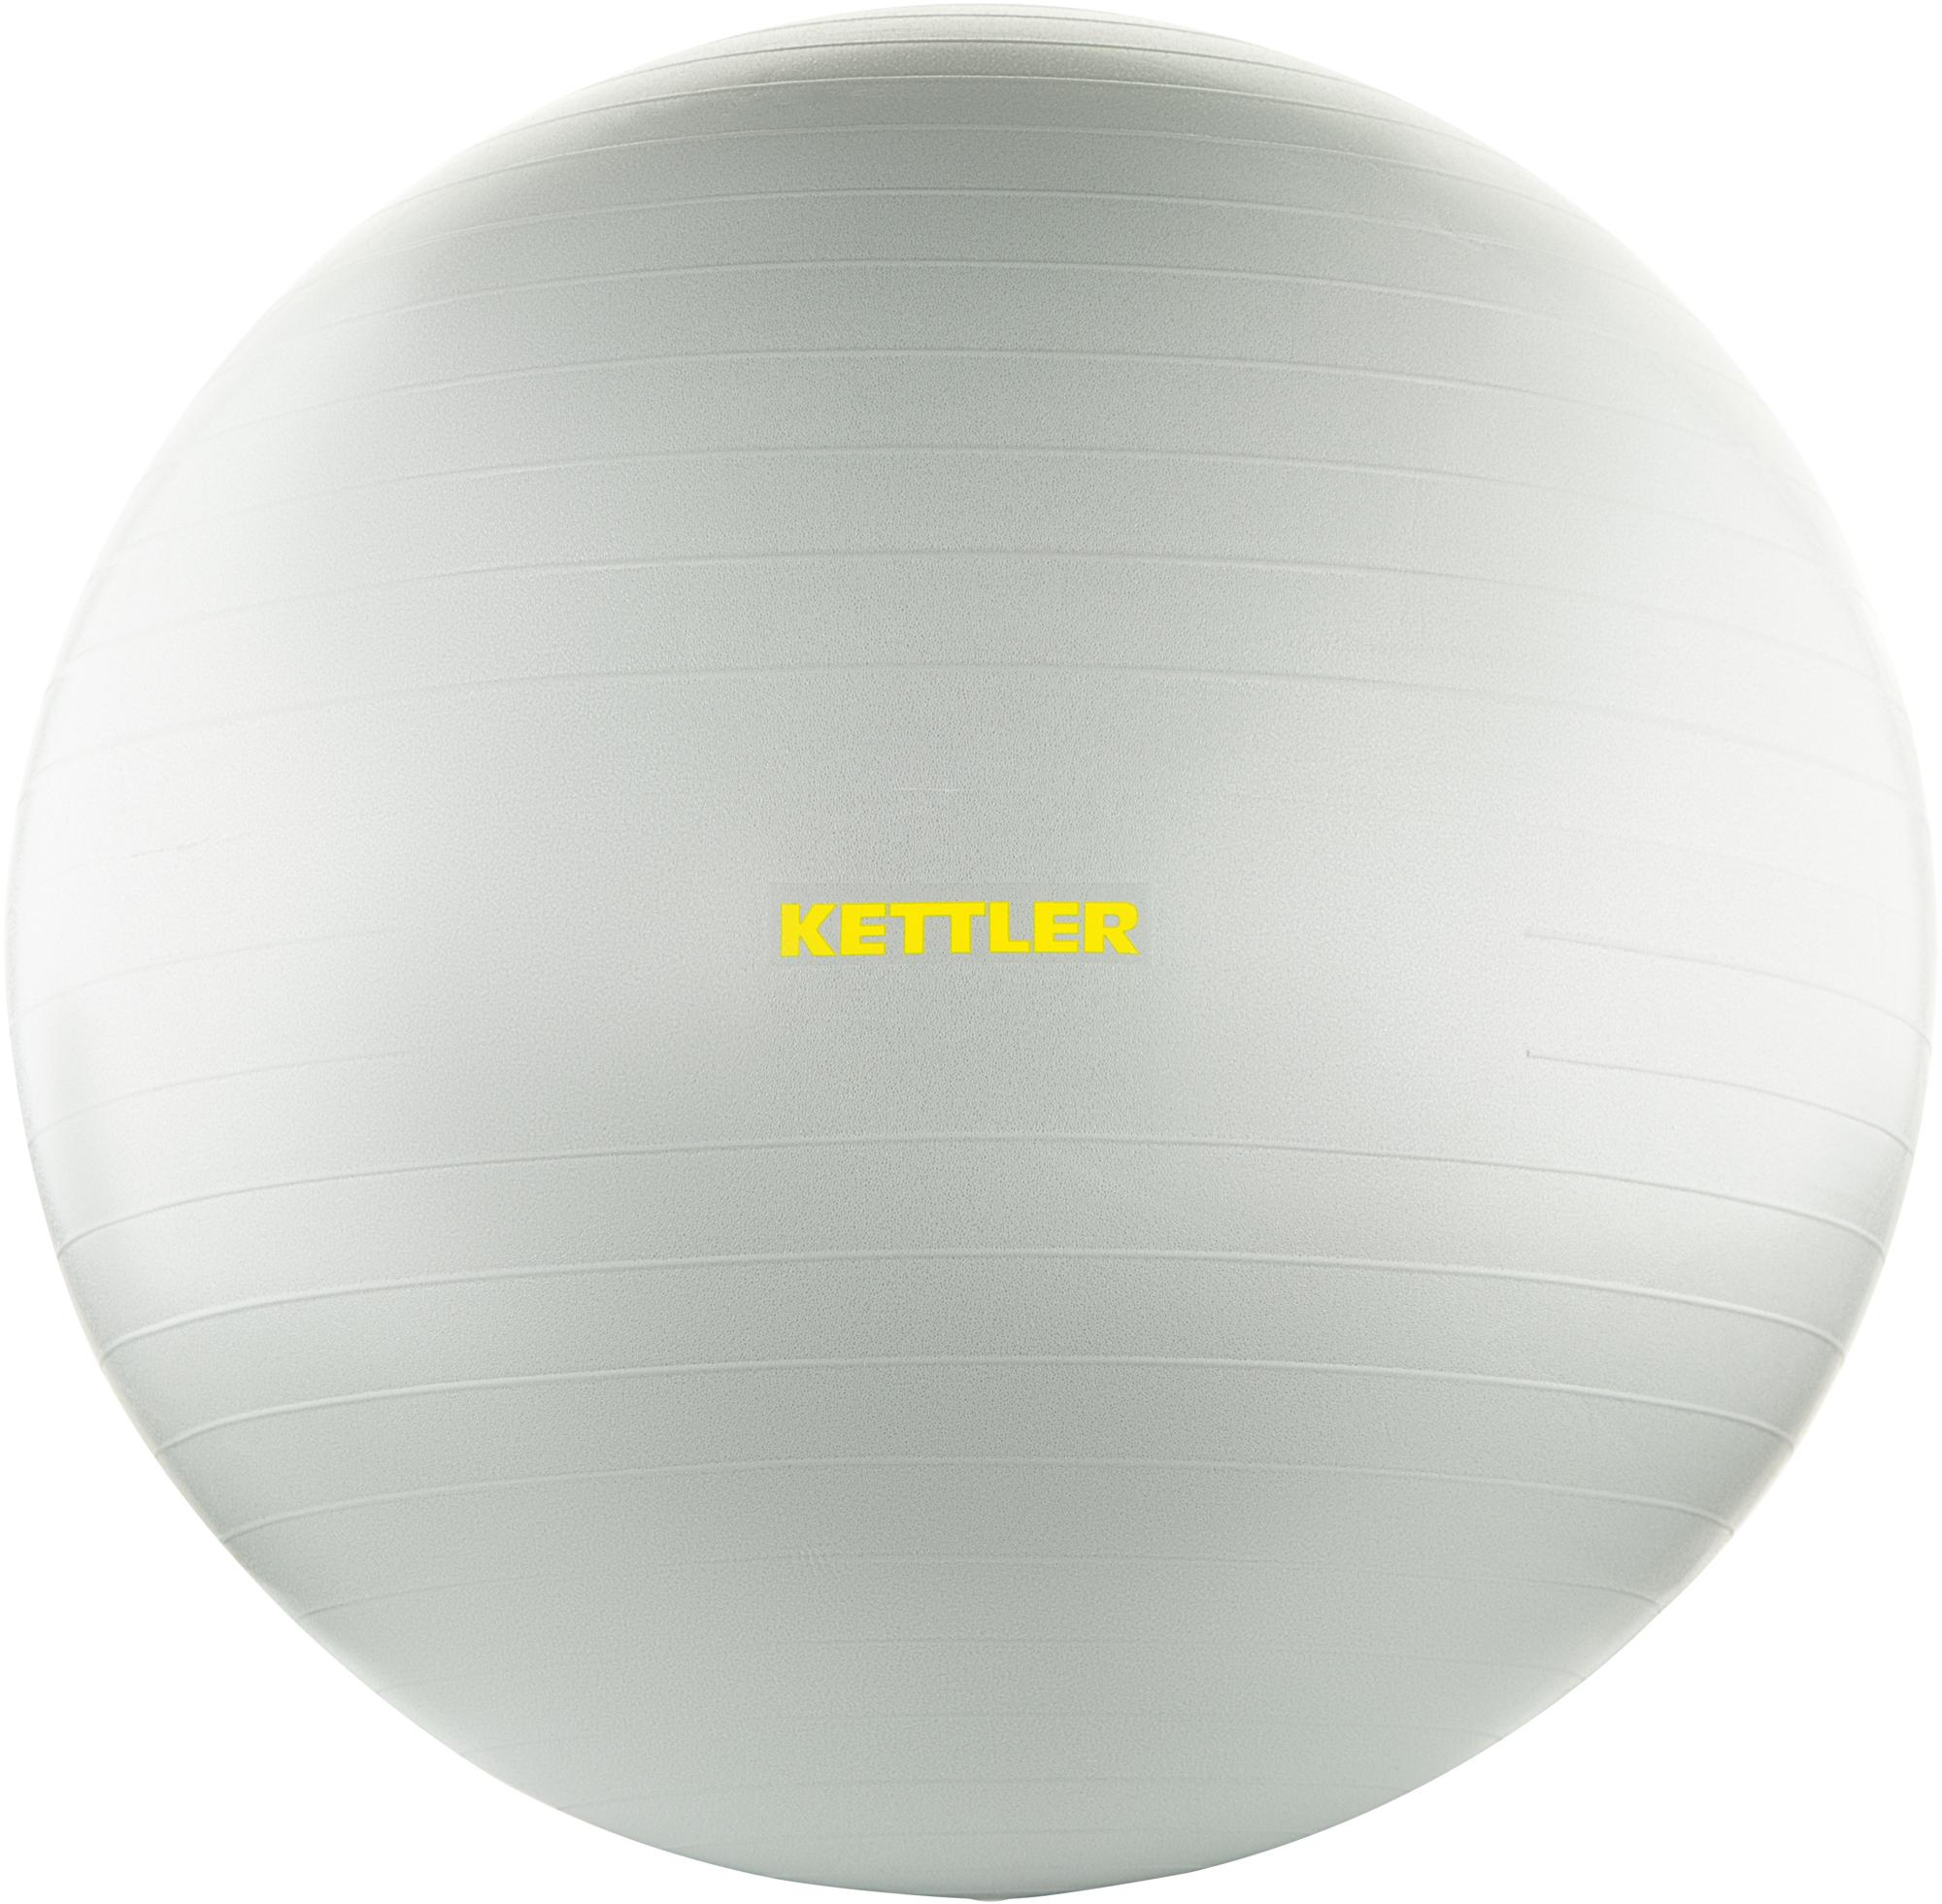 Kettler Мяч гимнастический Kettler, 65 см ролик для пресса kettler цвет голубой 29 х 18 см